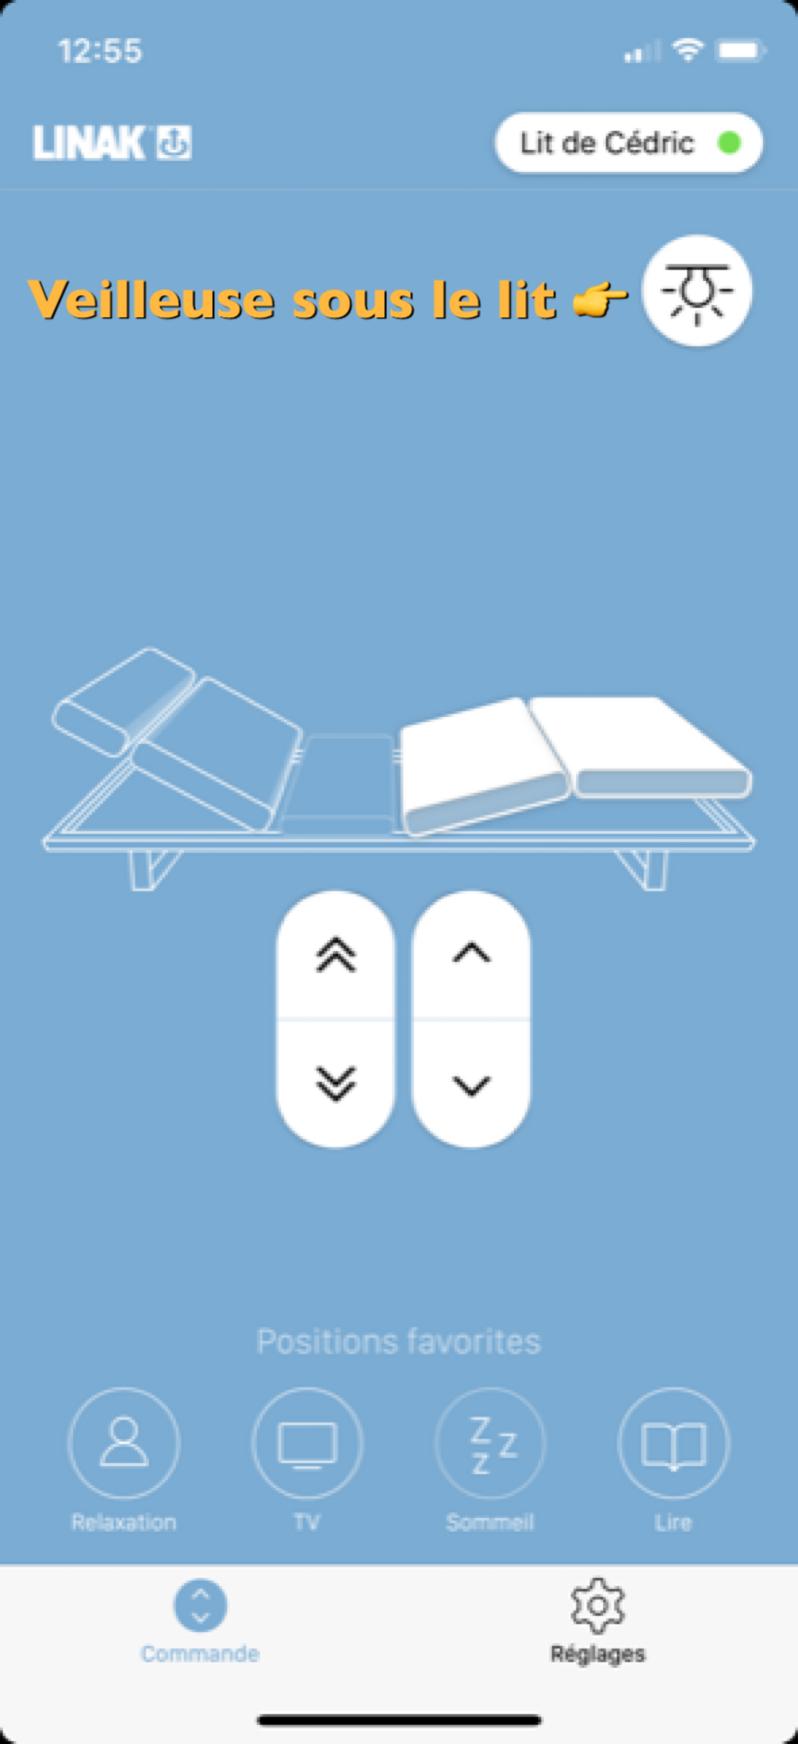 Activez la veilleuse sous votre lit depuis votre application